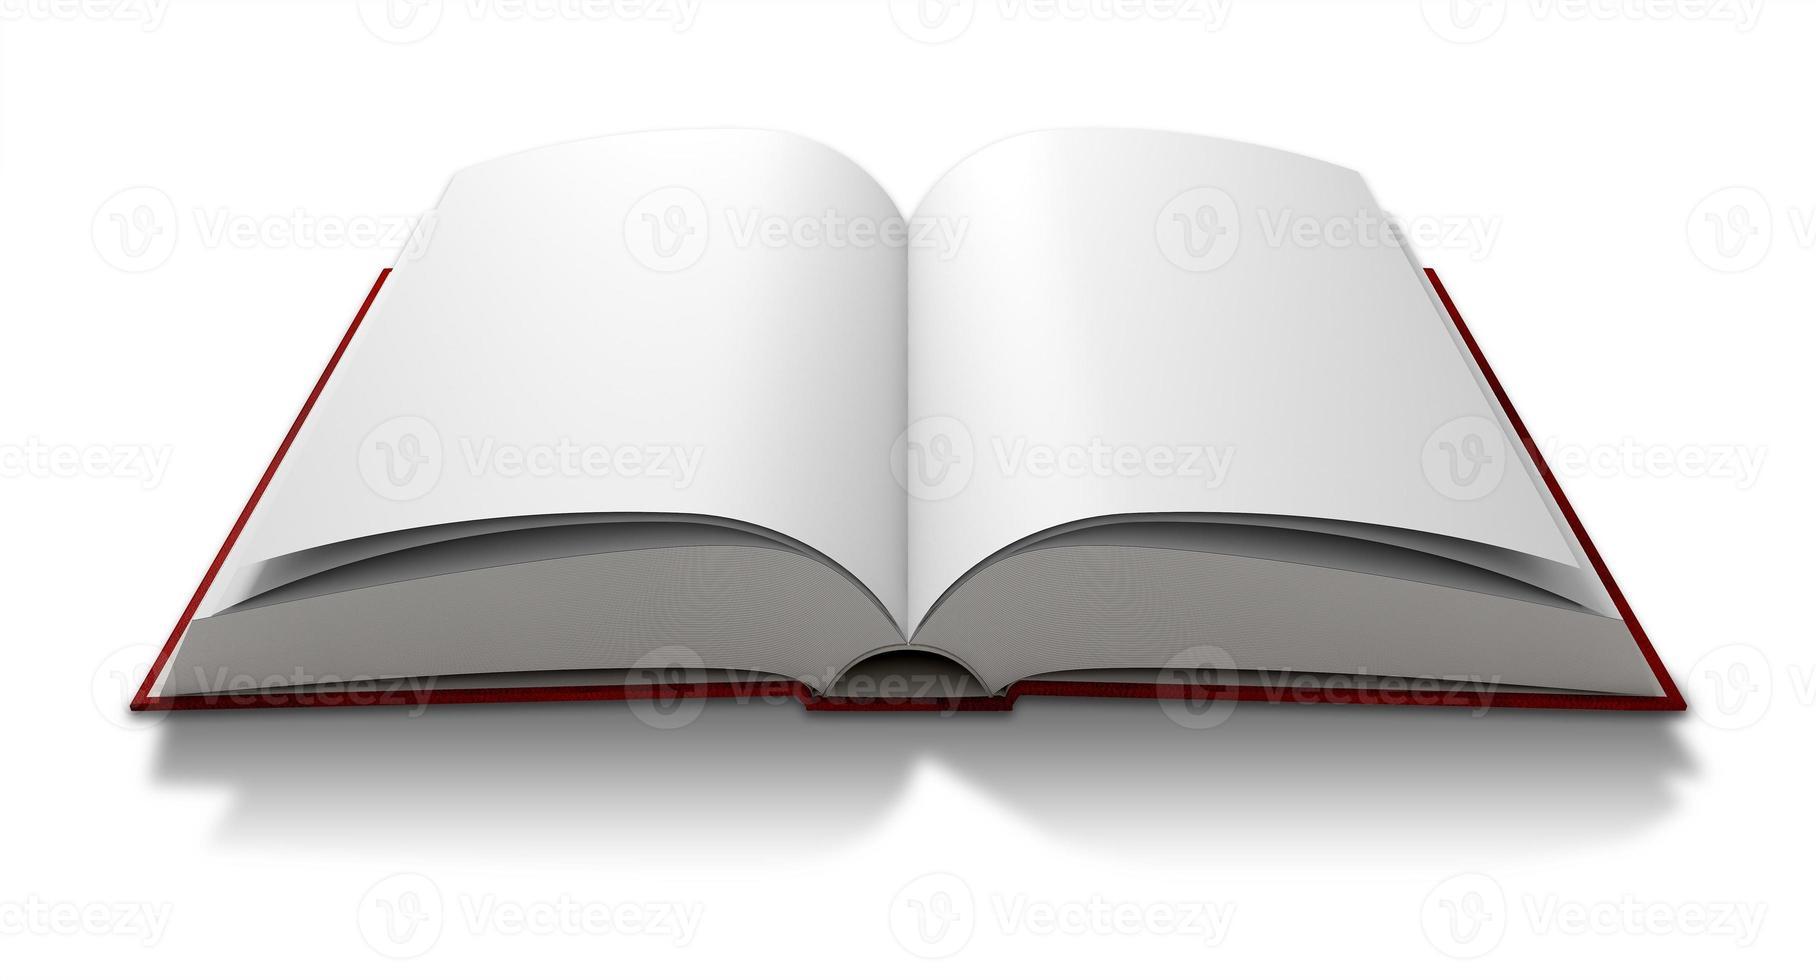 blanco boek open foto